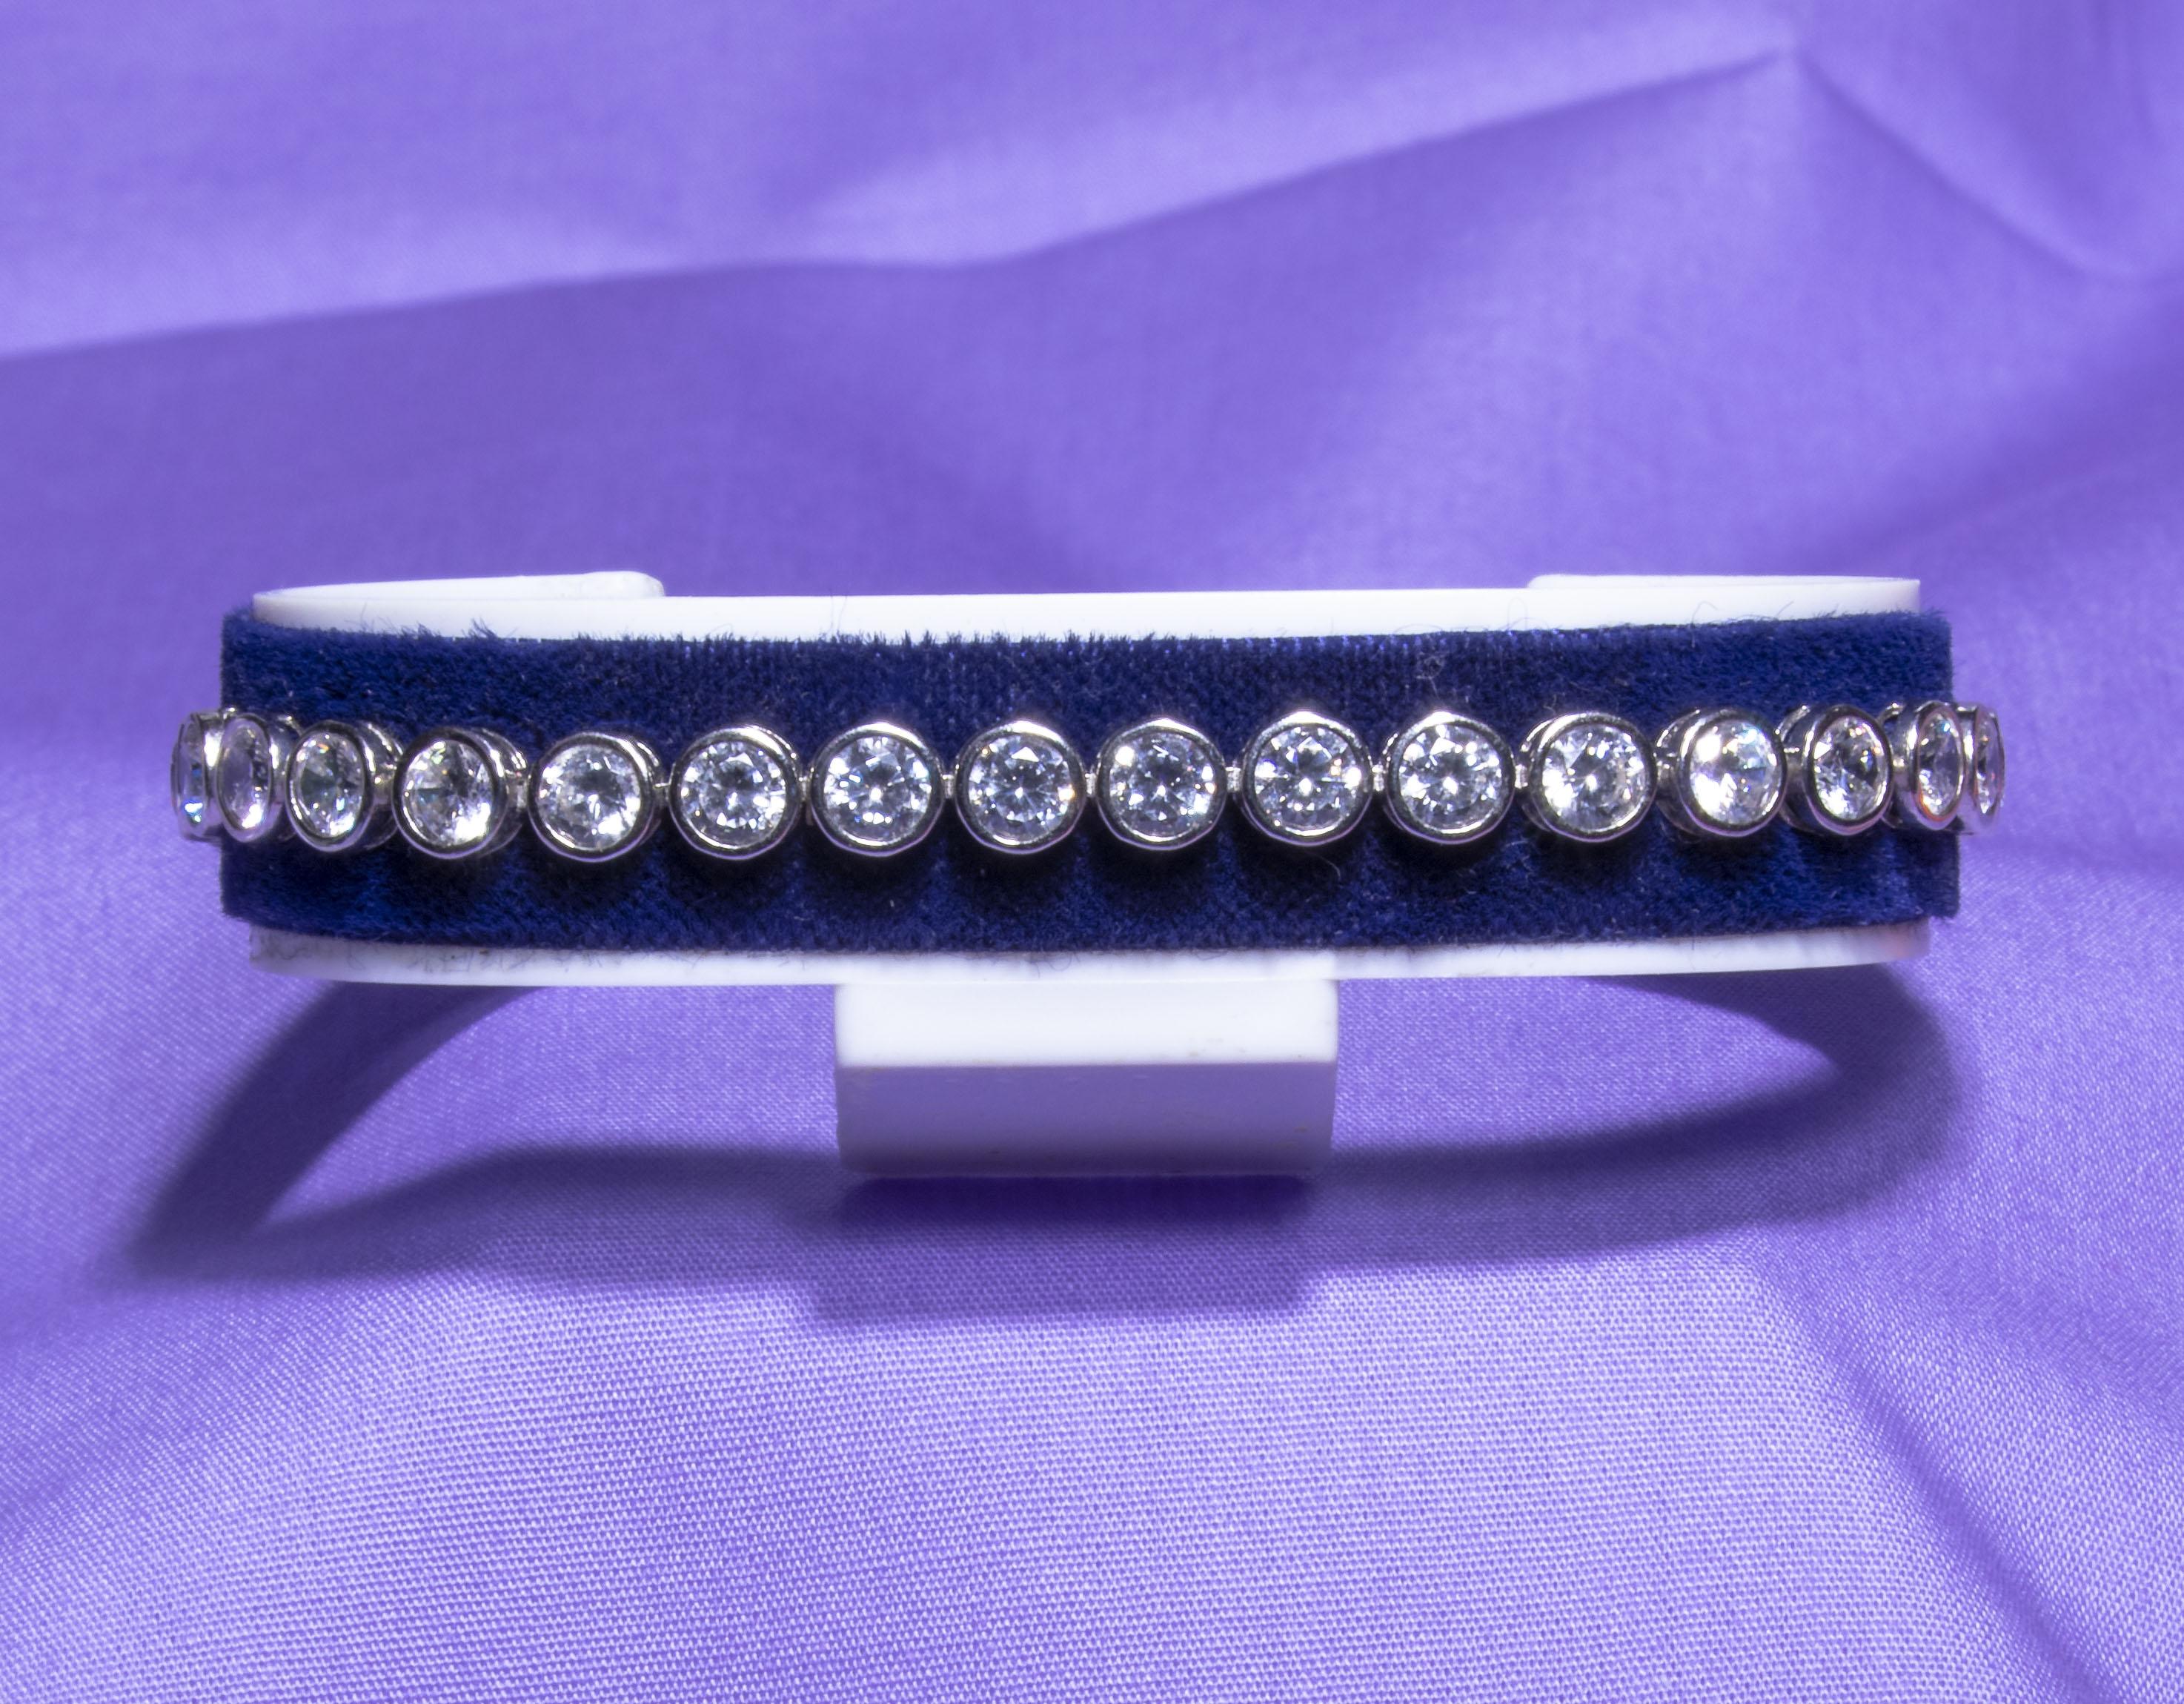 A silver bracelet